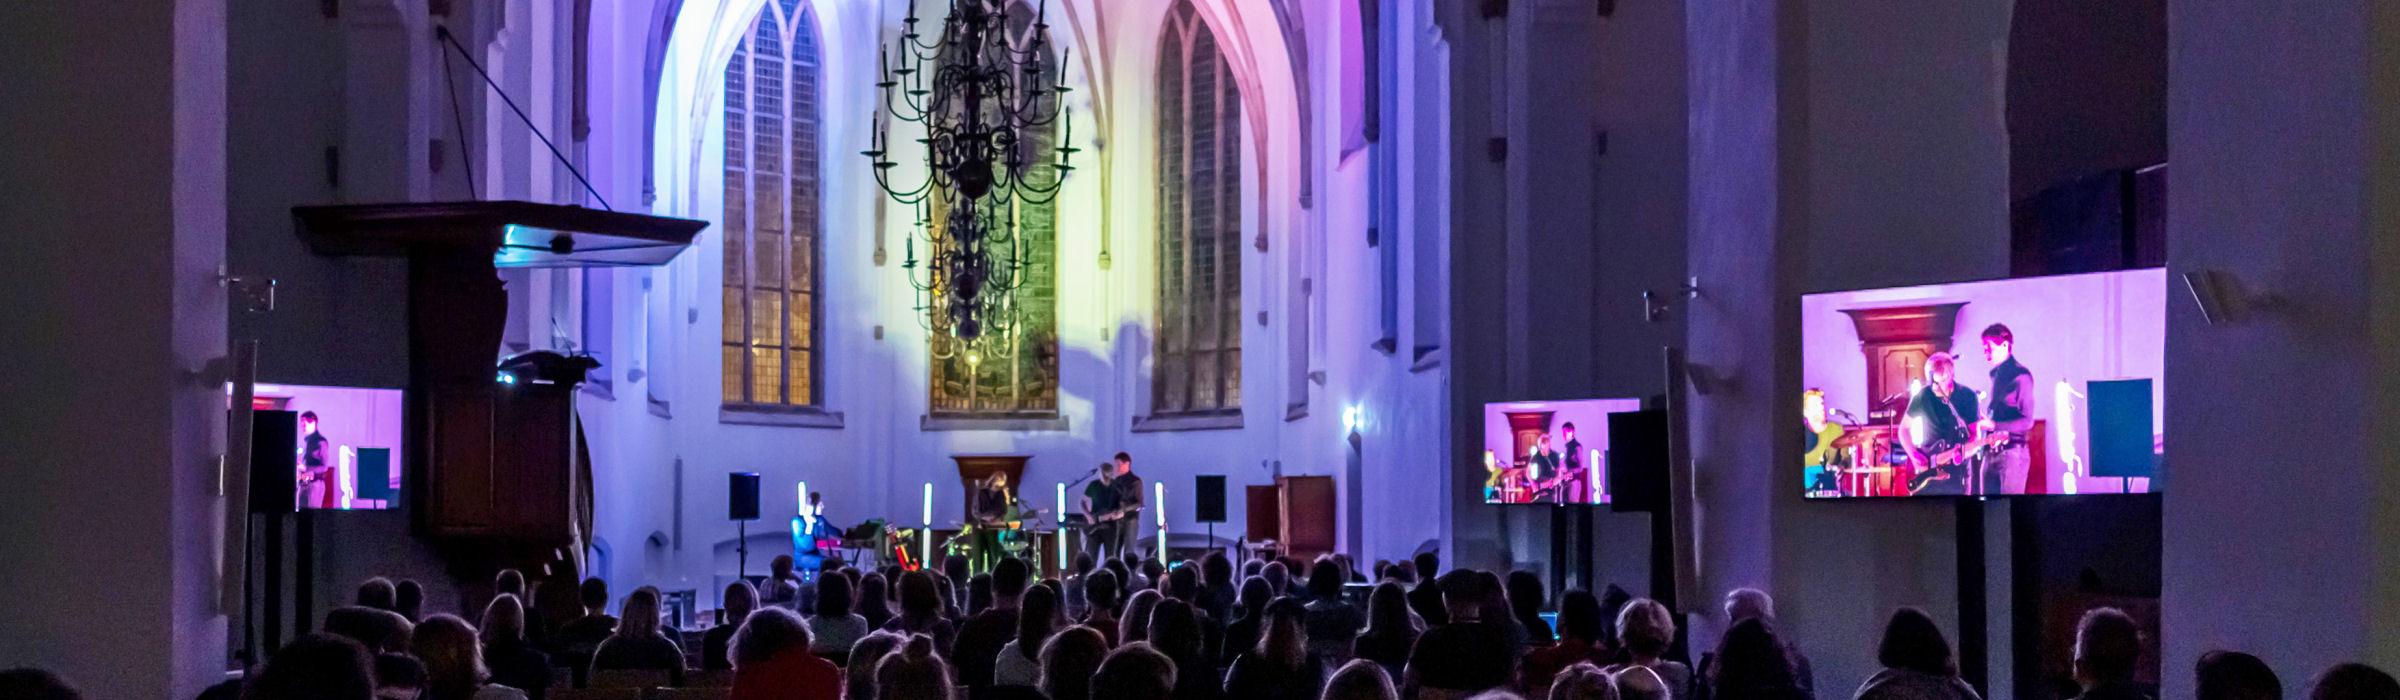 concert-grote-kerk-wageningen